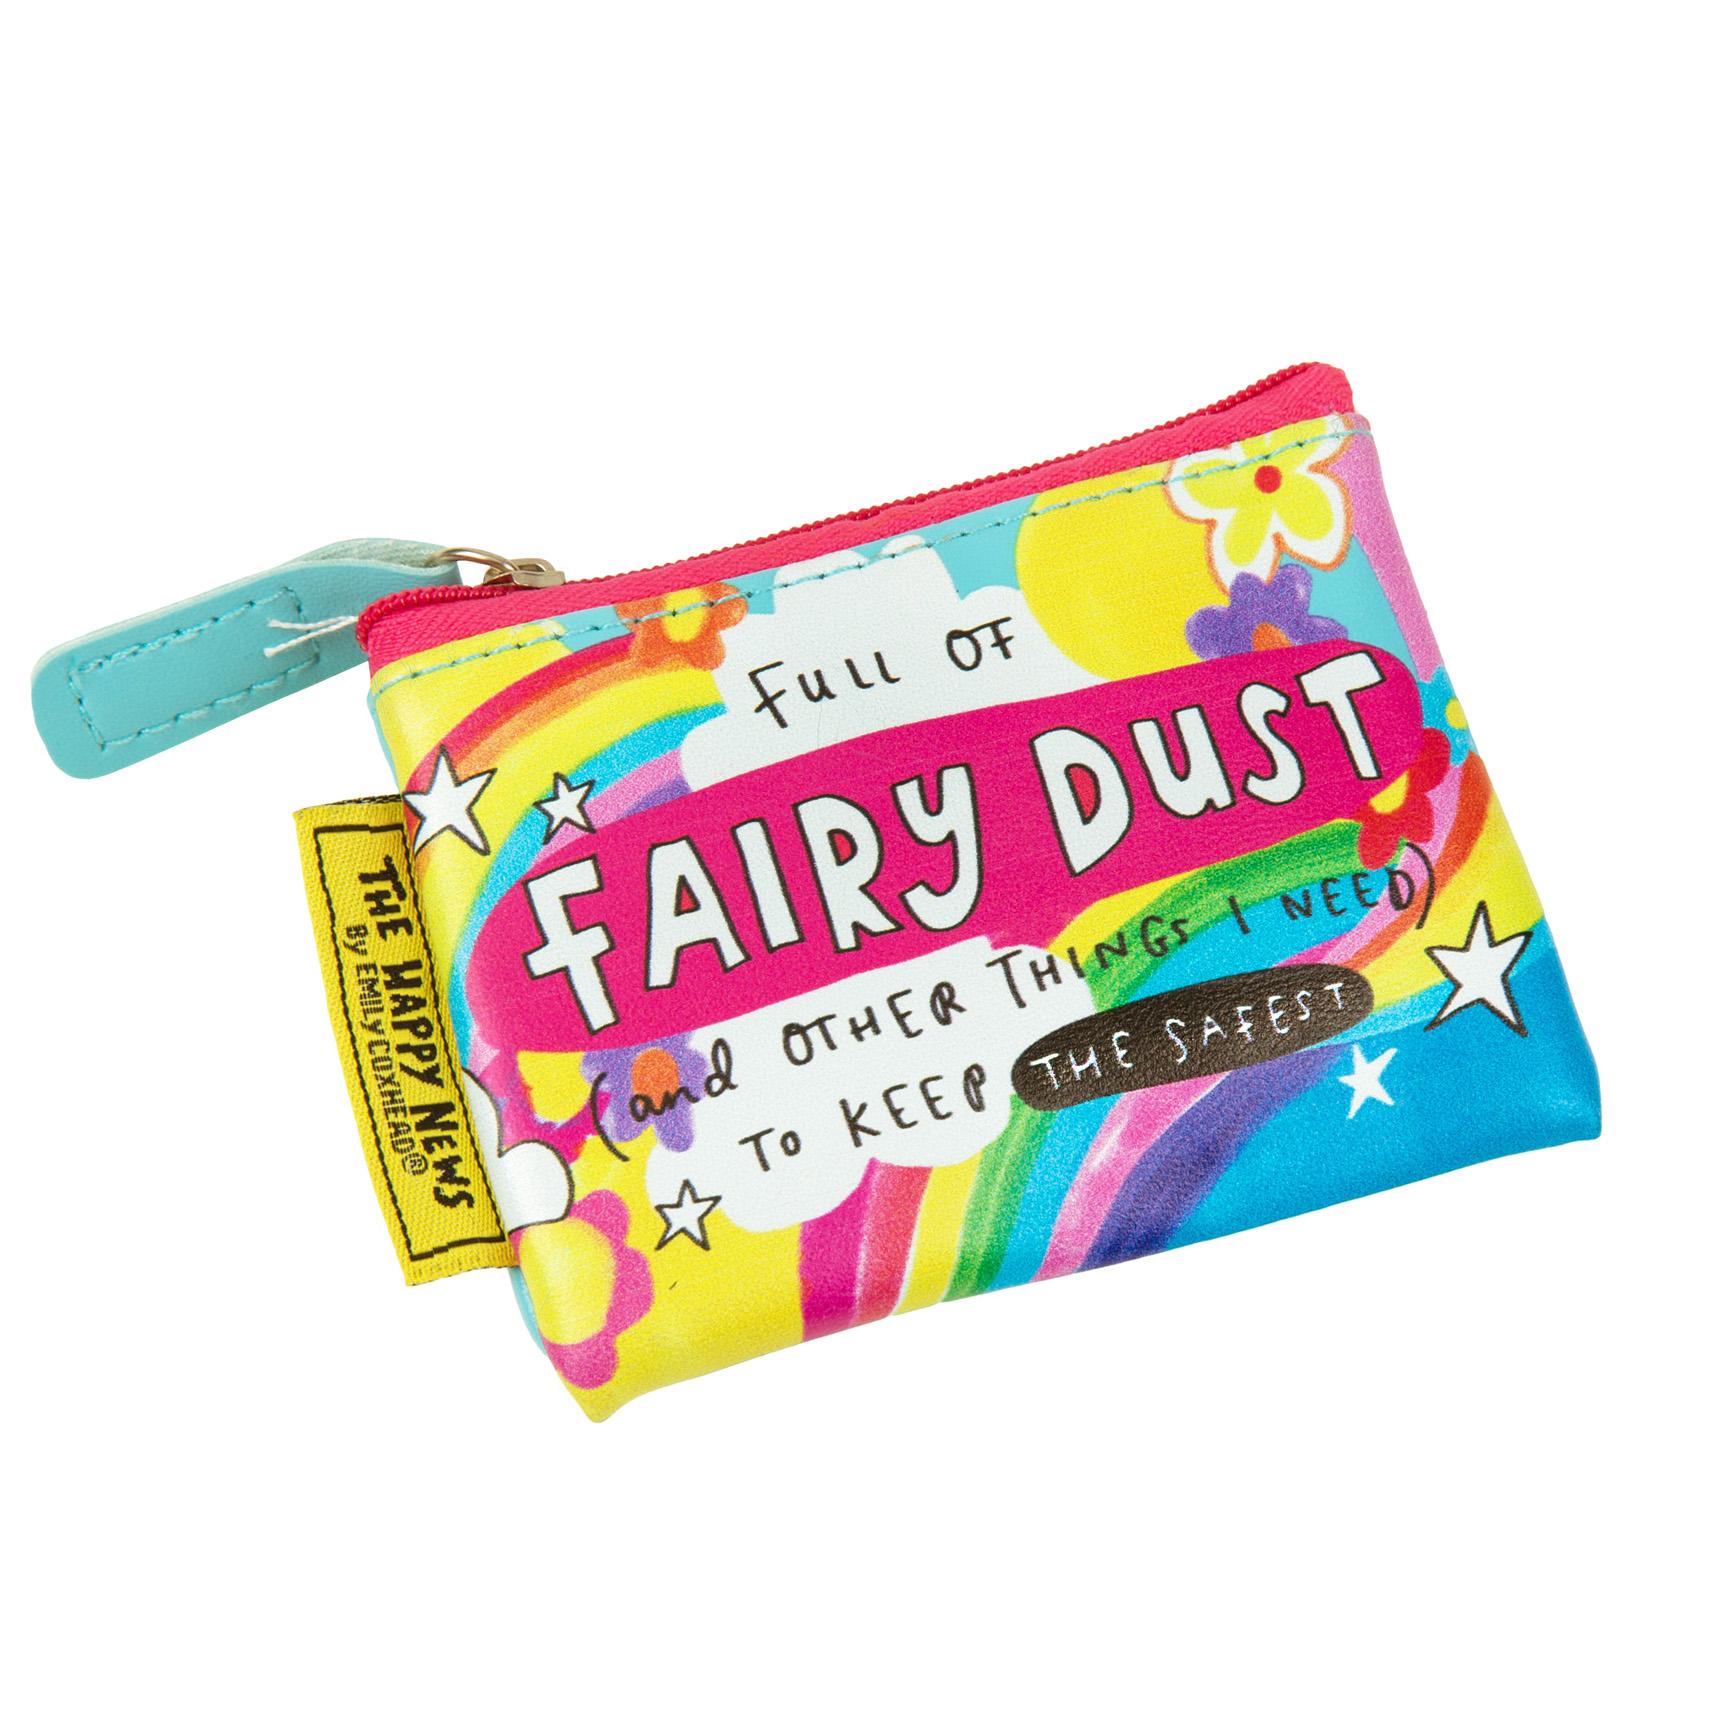 The Happy News Fairy Dust Tiny Purse by Emily Coxhead